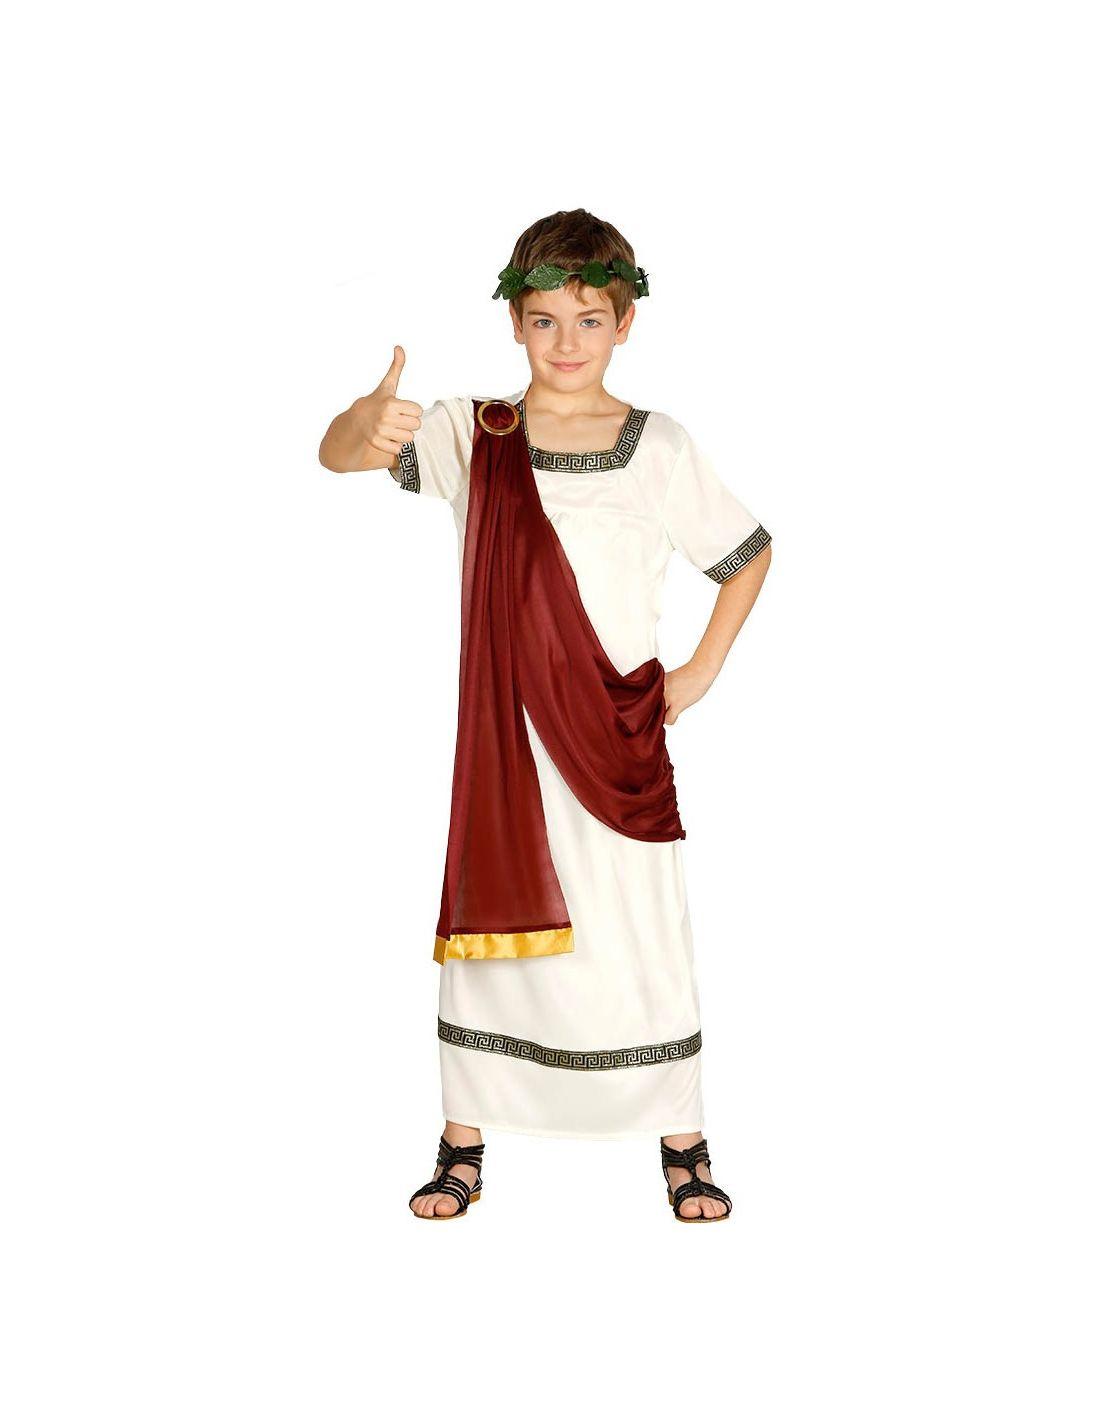 92d7338b4ab Disfraz de Romano o Griego para niños Tienda de disfraces online - venta  disfraces